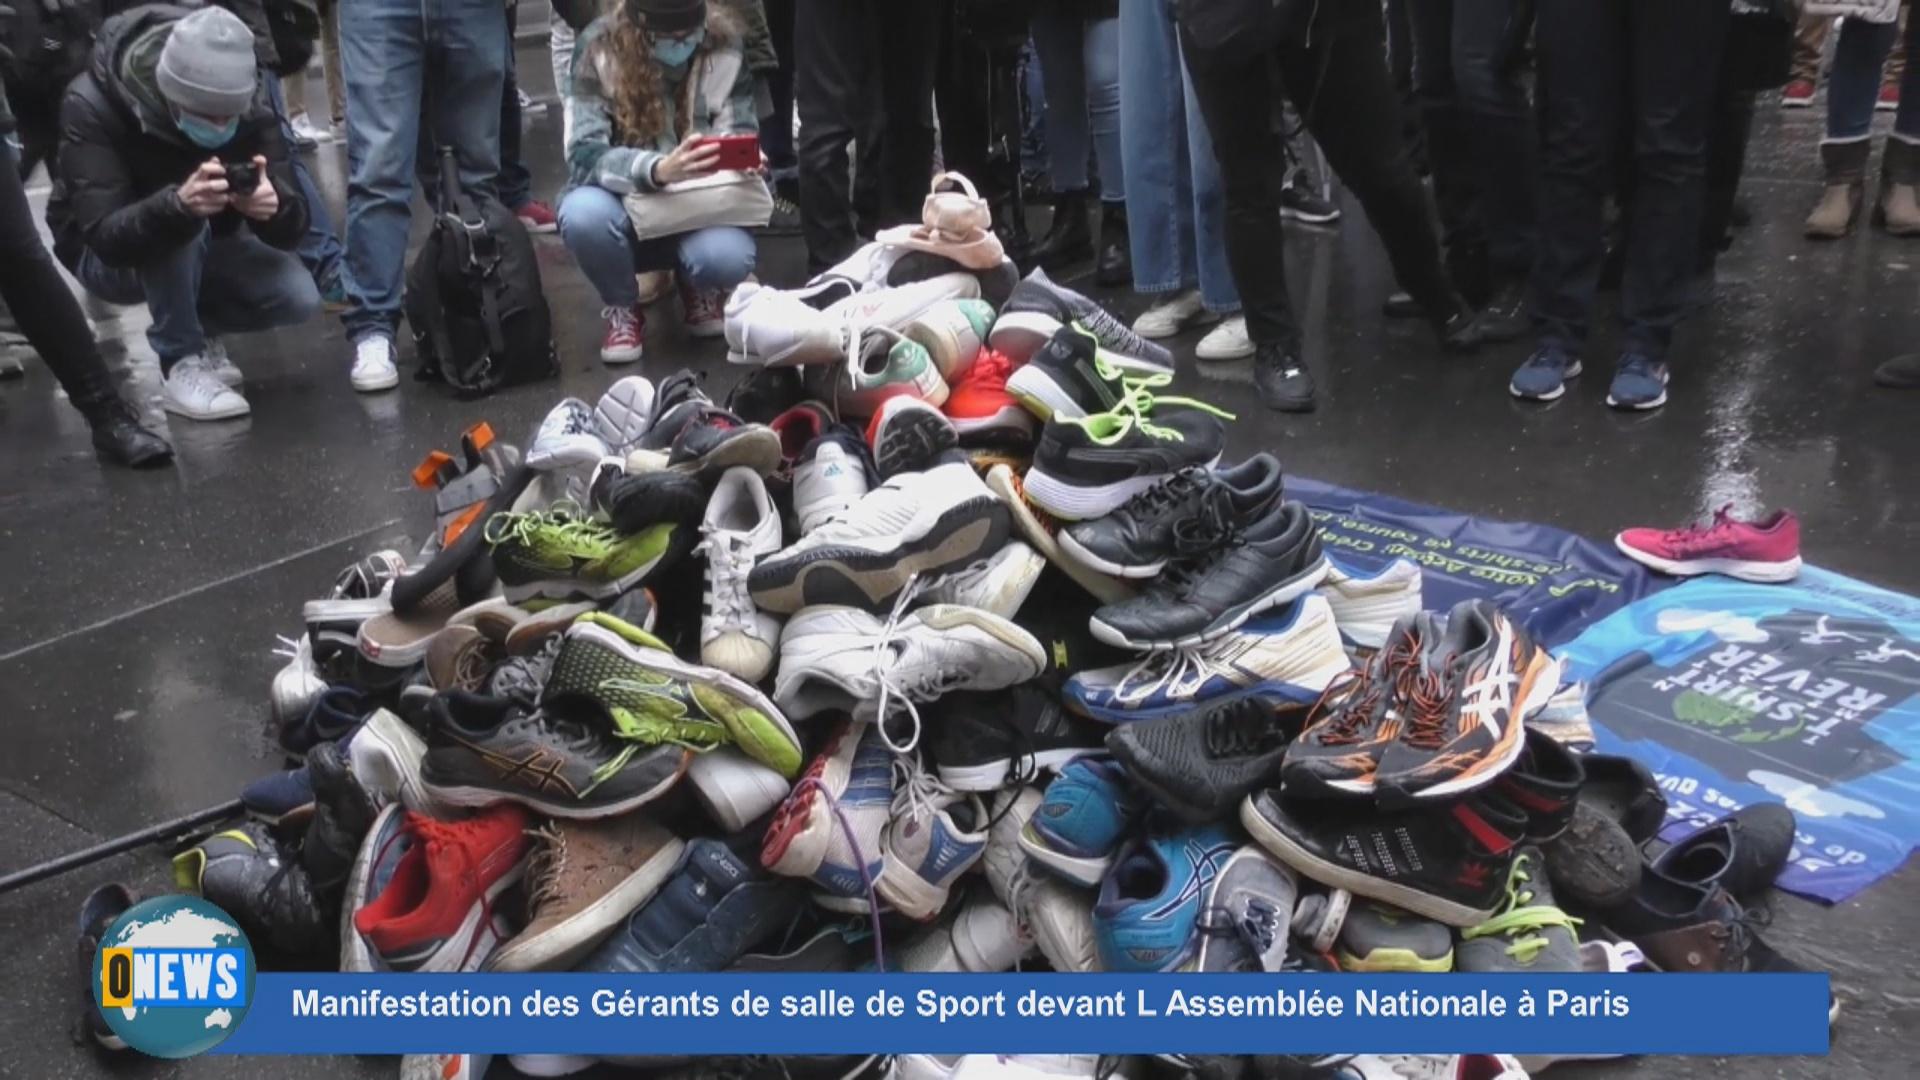 Onews Hexagone. Manifestation des Gérants de salle de Sport devant L Assemblée Nationale à Paris